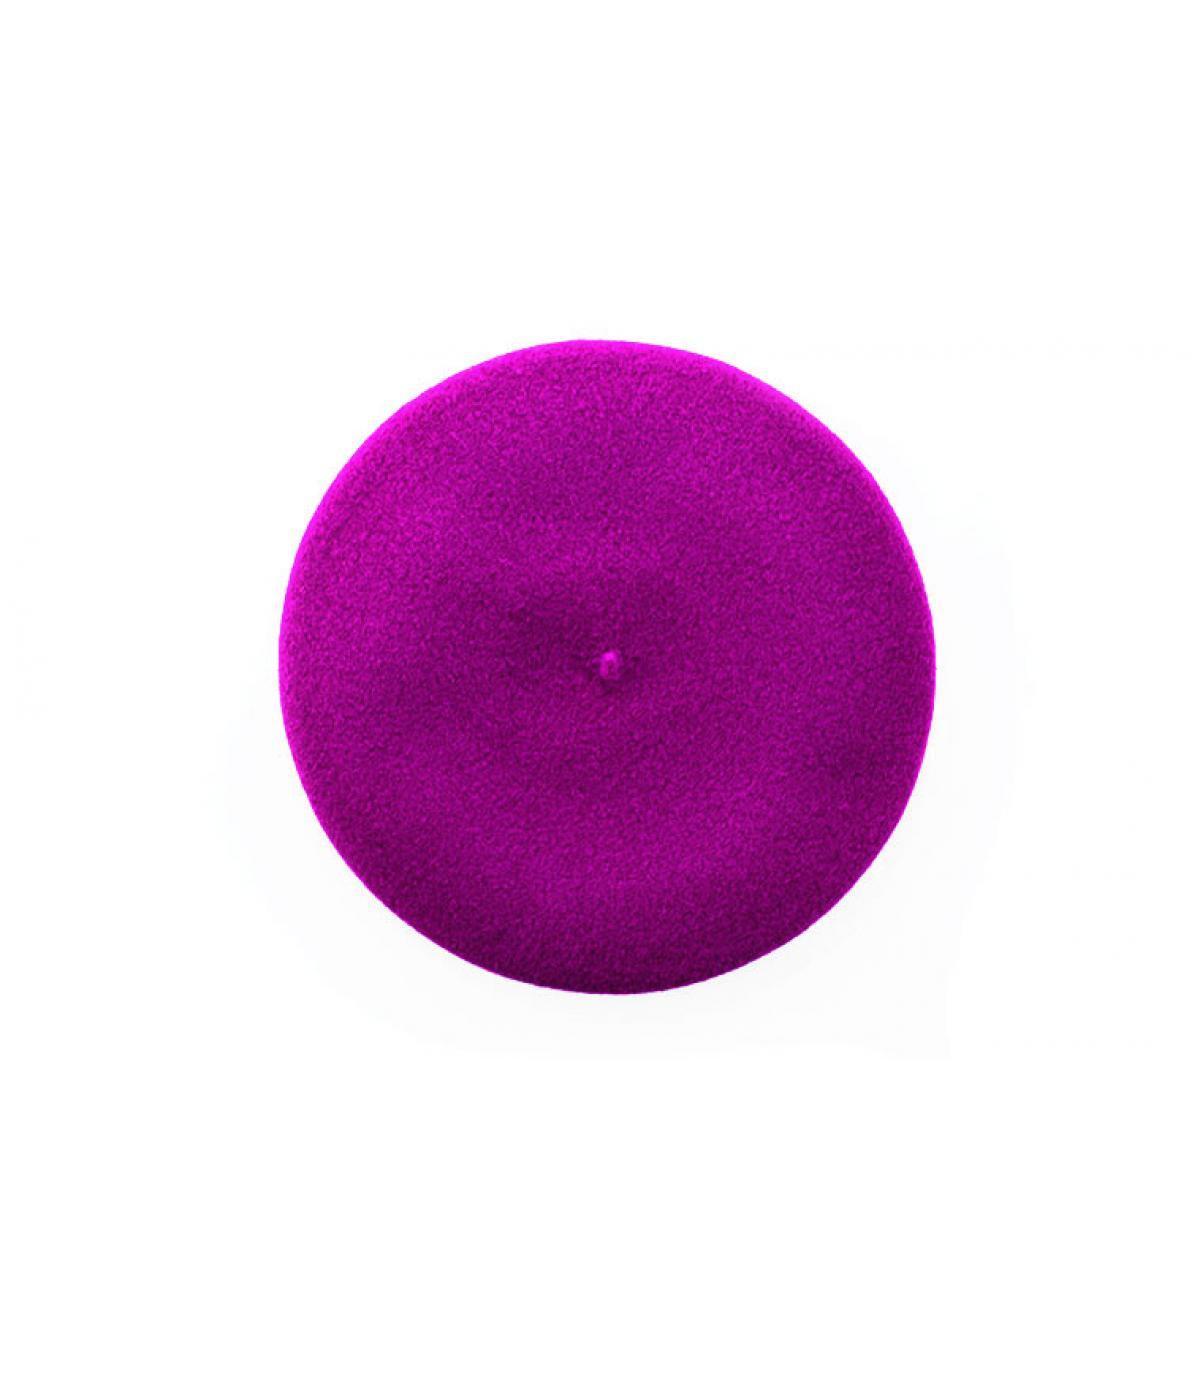 Détails L'Authentique violet - image 4